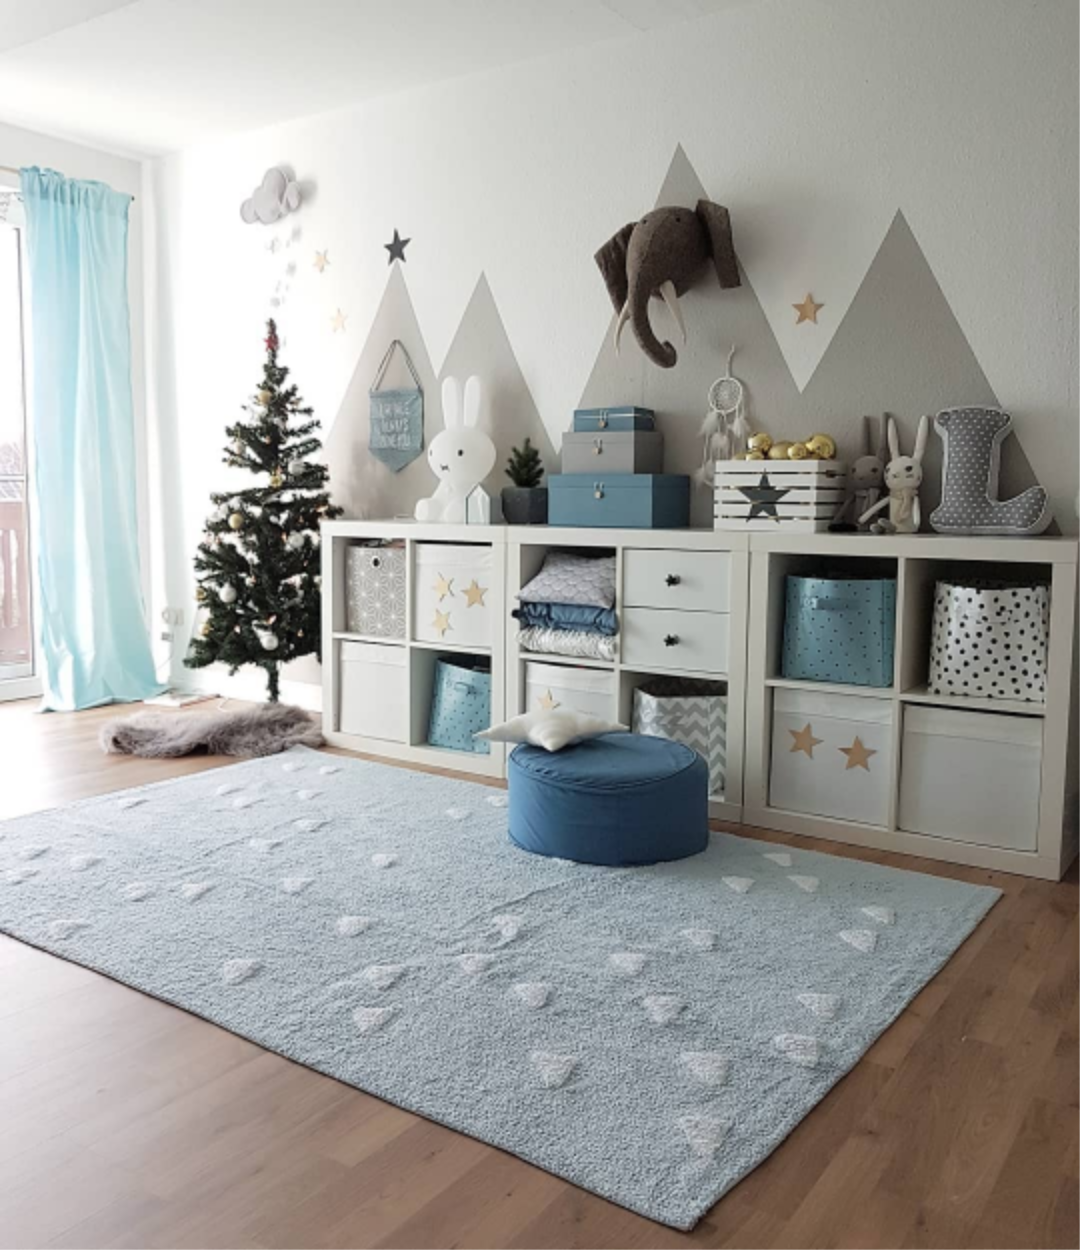 Full Size of Waschbarer Kinderteppich Inka Triangles Hellblau In 2020 Kinder Sofa Kinderzimmer Regal Regale Weiß Kinderzimmer Kinderzimmer Einrichtung